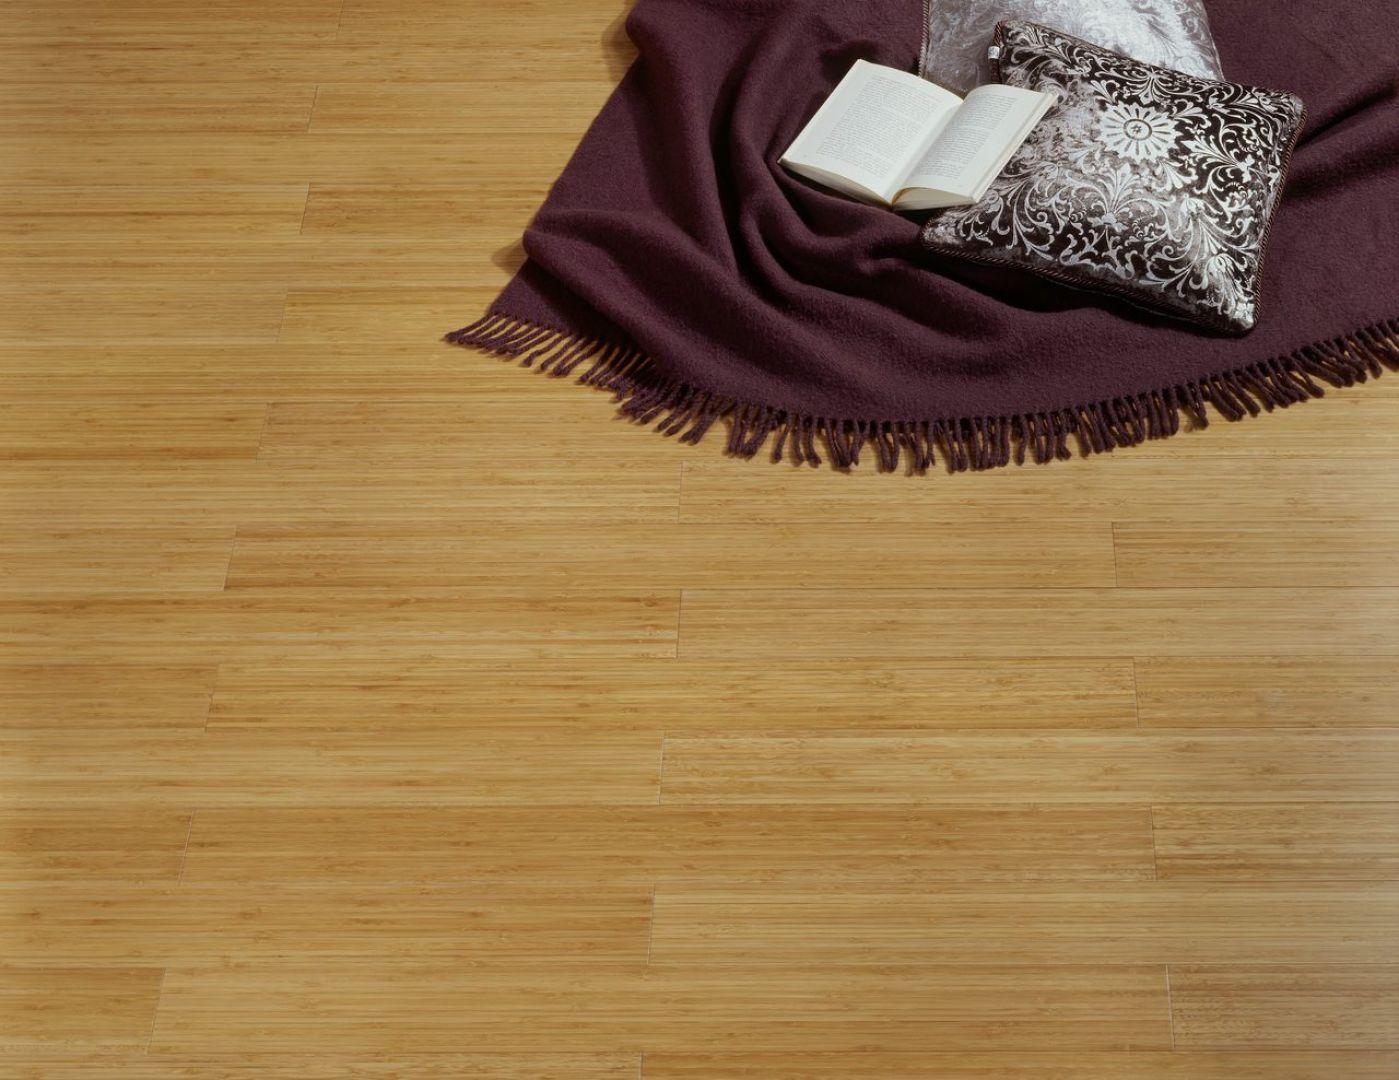 Jednym z najpopularniejszych i najczęściej spotykanych sposobów układania podłogi jest jej klejenie. Na zdjęciu:  podłoga z kolekcji Bamboo. Fot. DLH